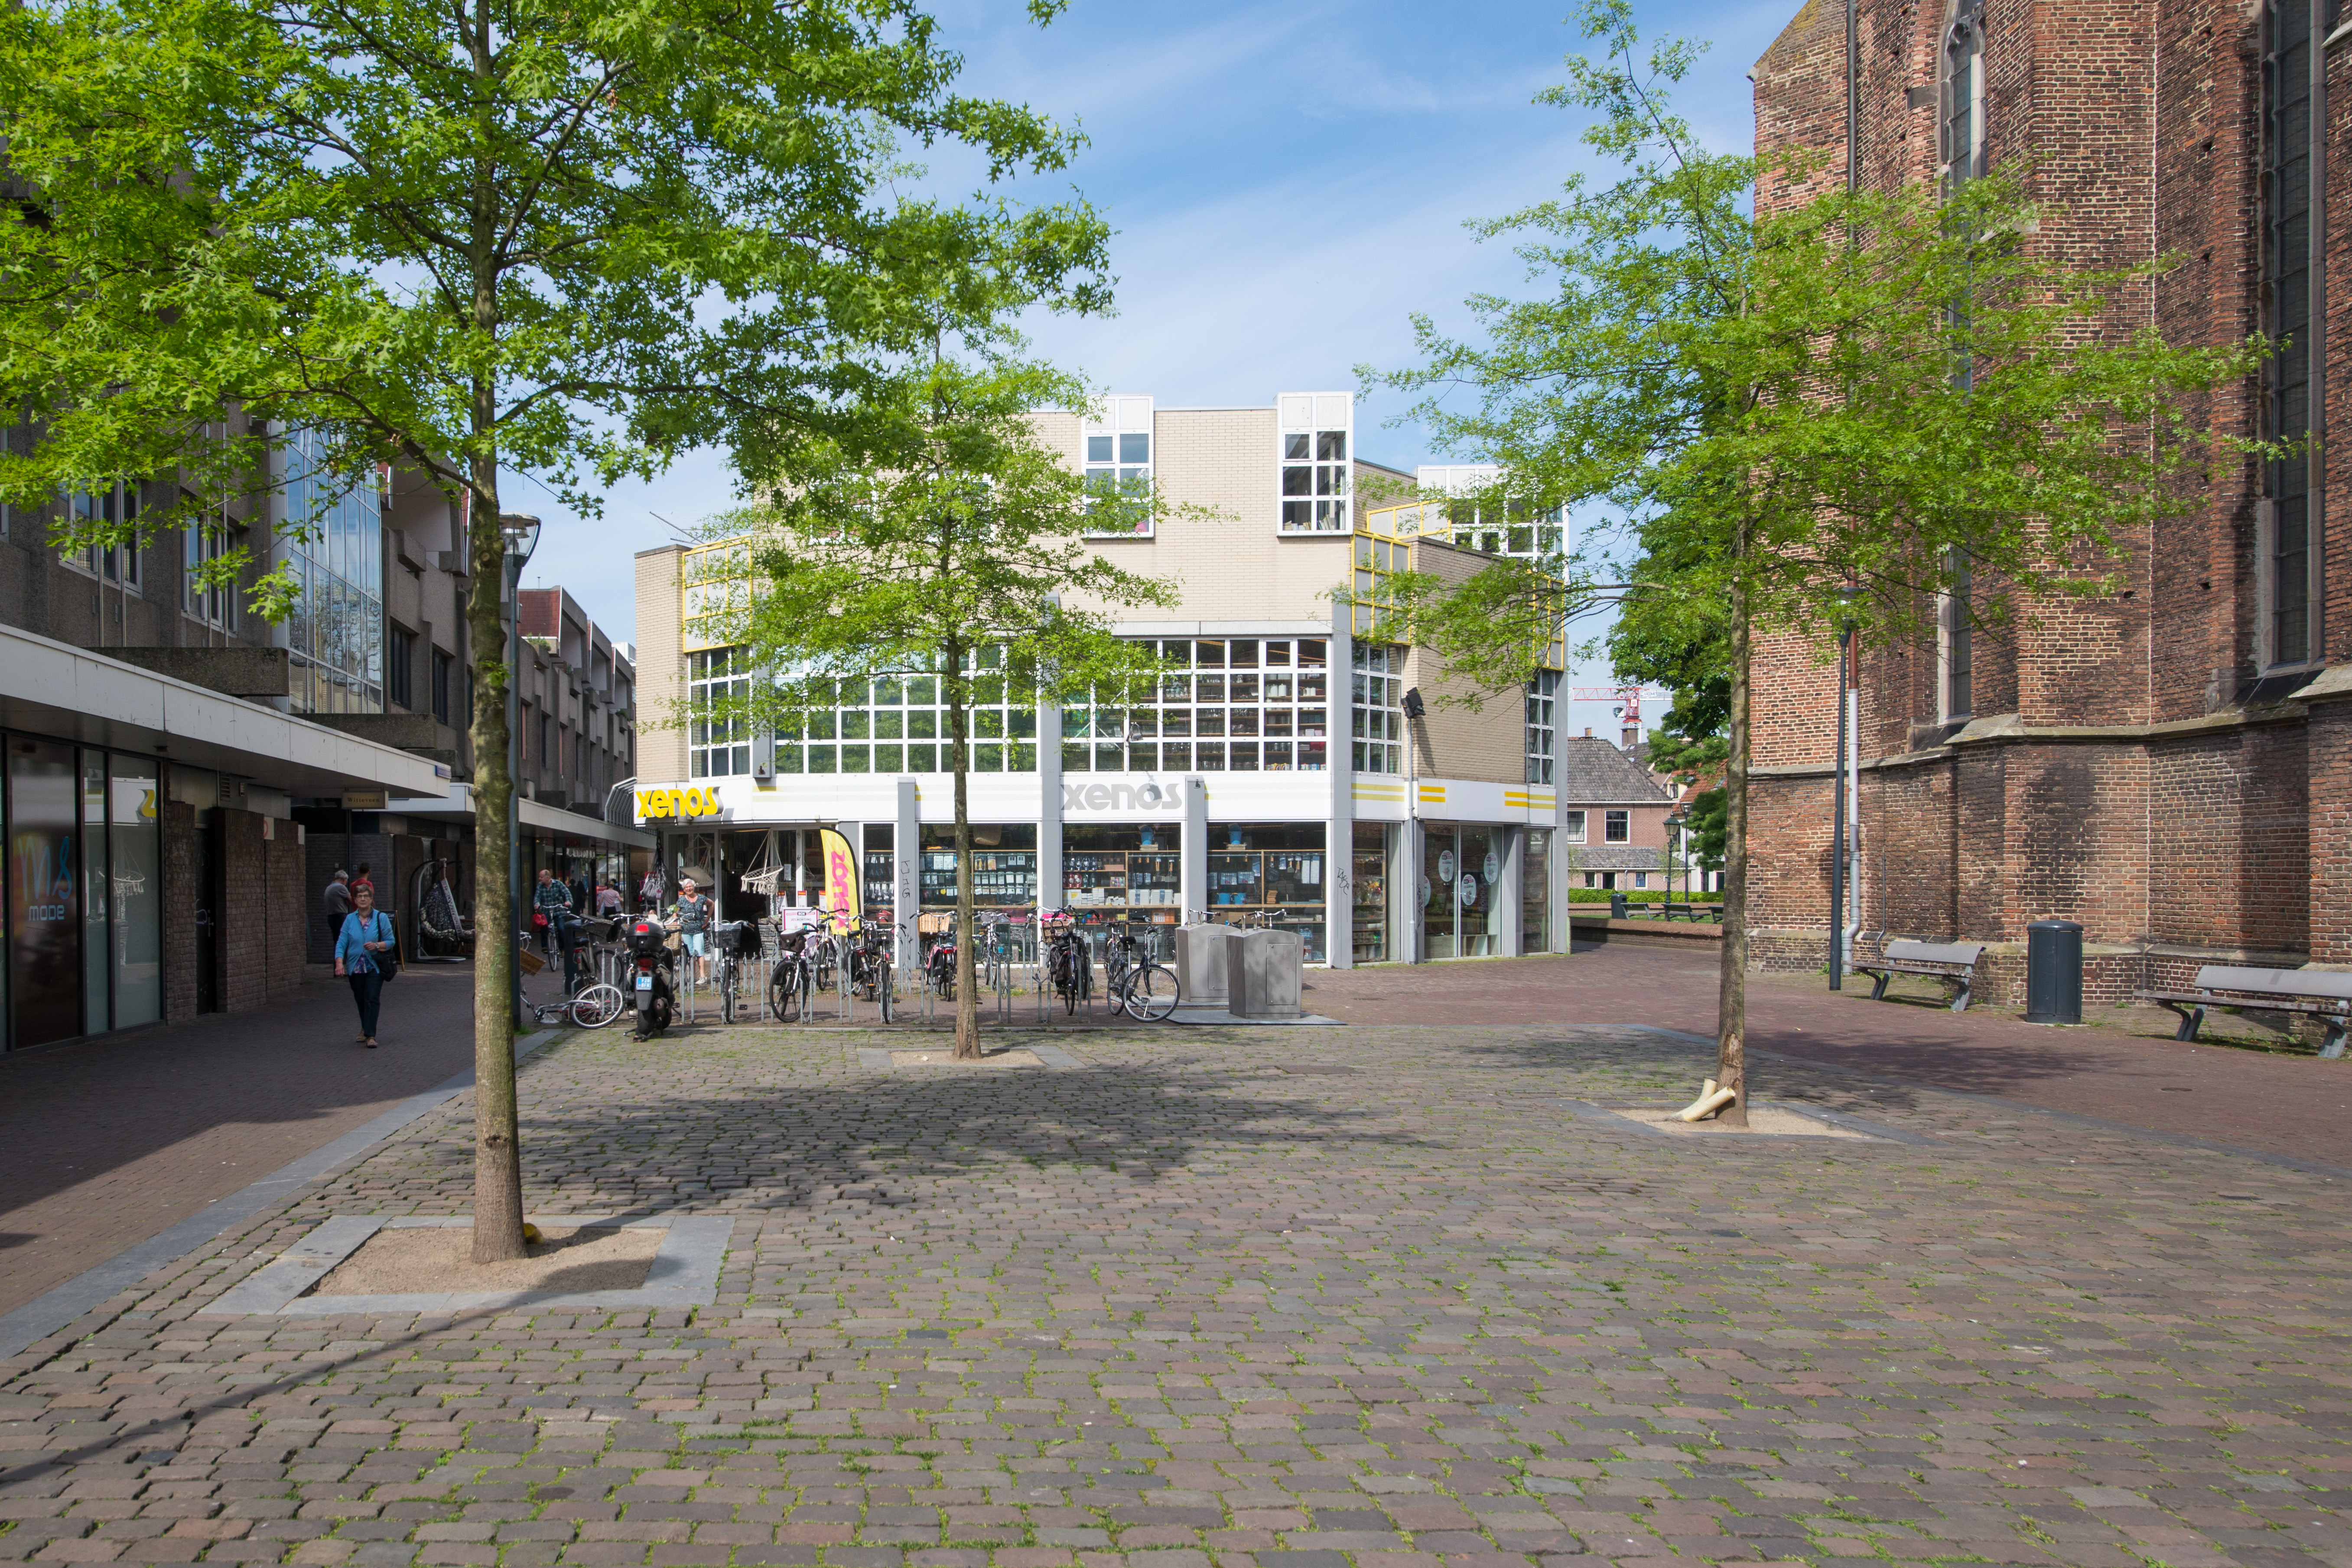 <p>Zwolle – Herontwikkeling Broerenkwartier<br /> Foto: Initiatiefnemers van de herontwikkeling van het Broerenkwartier in Zwolle voor het pand van de Xenos in Zwolle.<br /> © Alex Mulder</p>